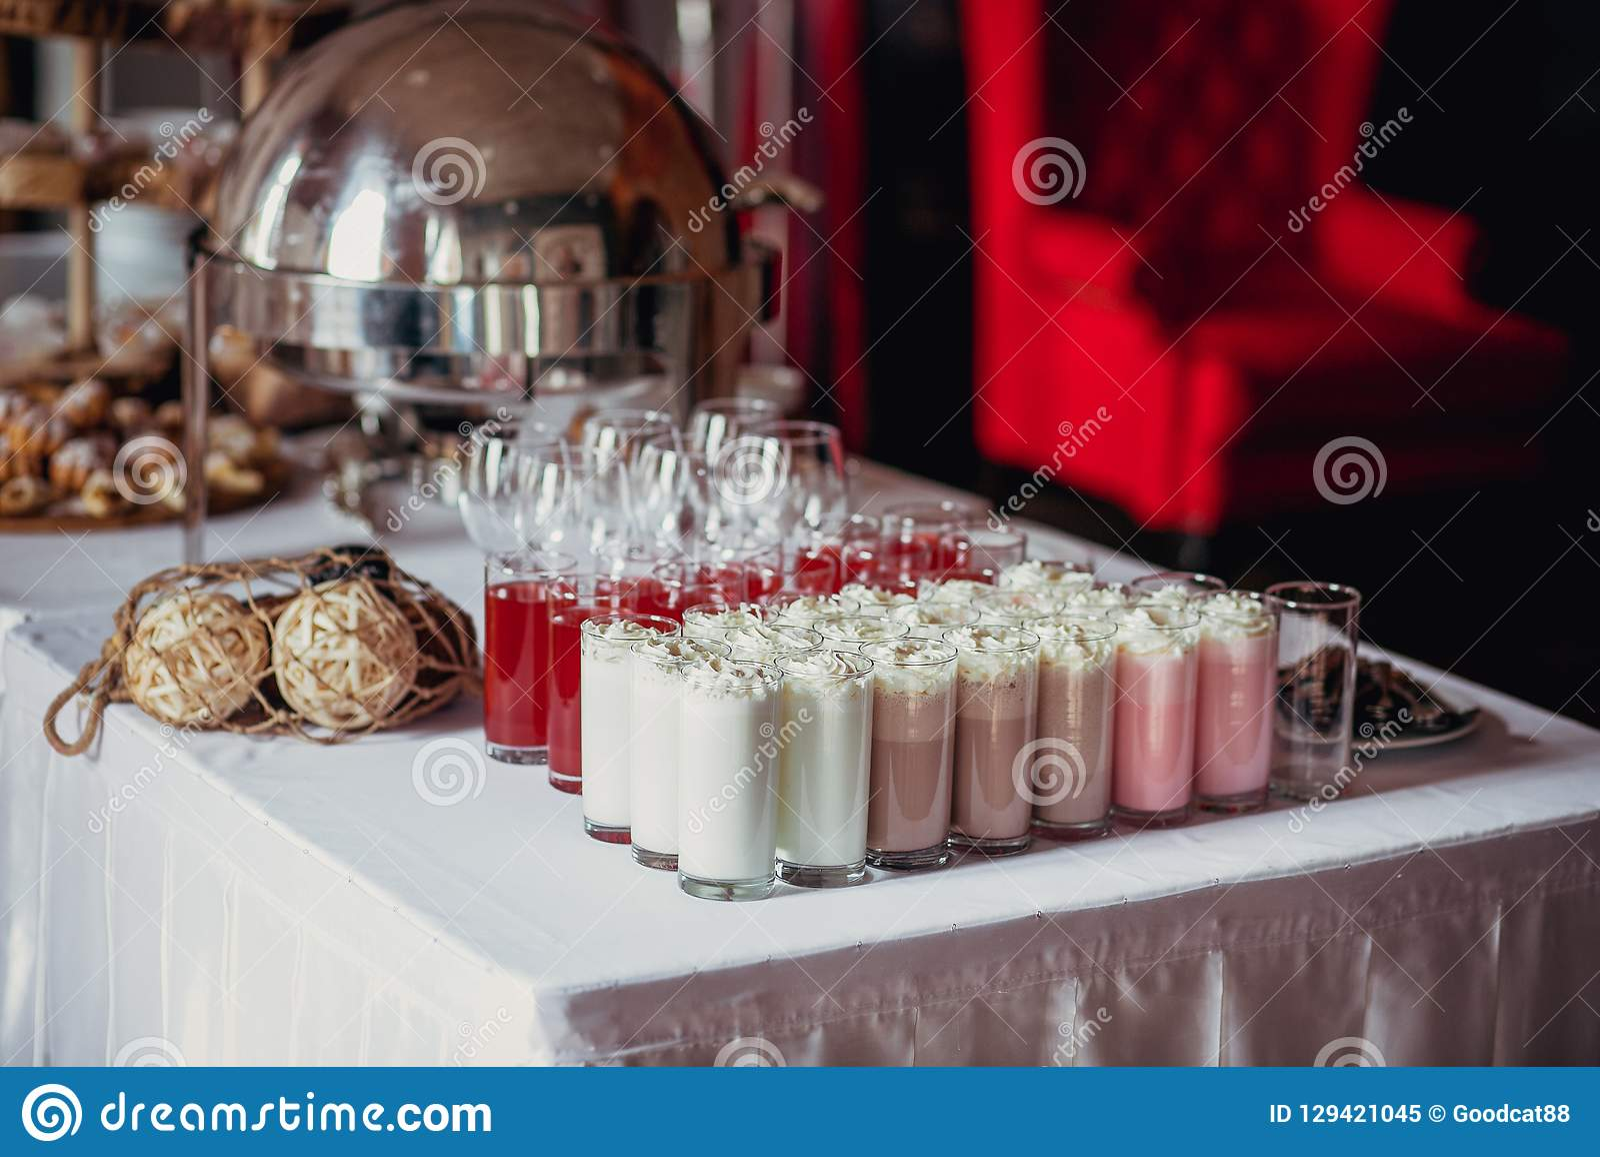 Godisstång på födelsedagpartiet med mycket olik godisar, muffin, souffle och kakor, milkshakar och fruktsaft i glass koppar deco